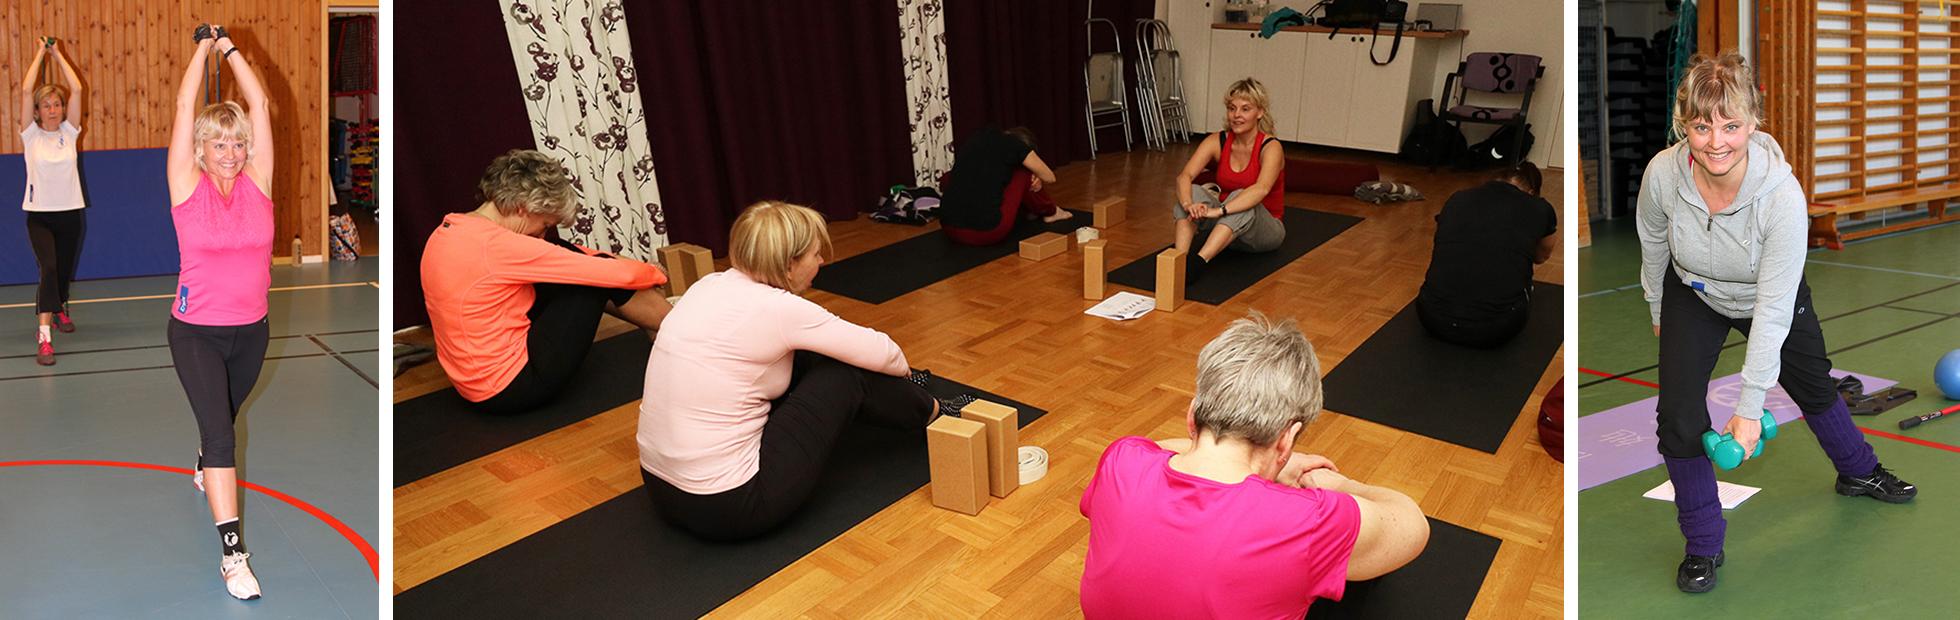 Utbildning och föredrag om träning med Christina Froh